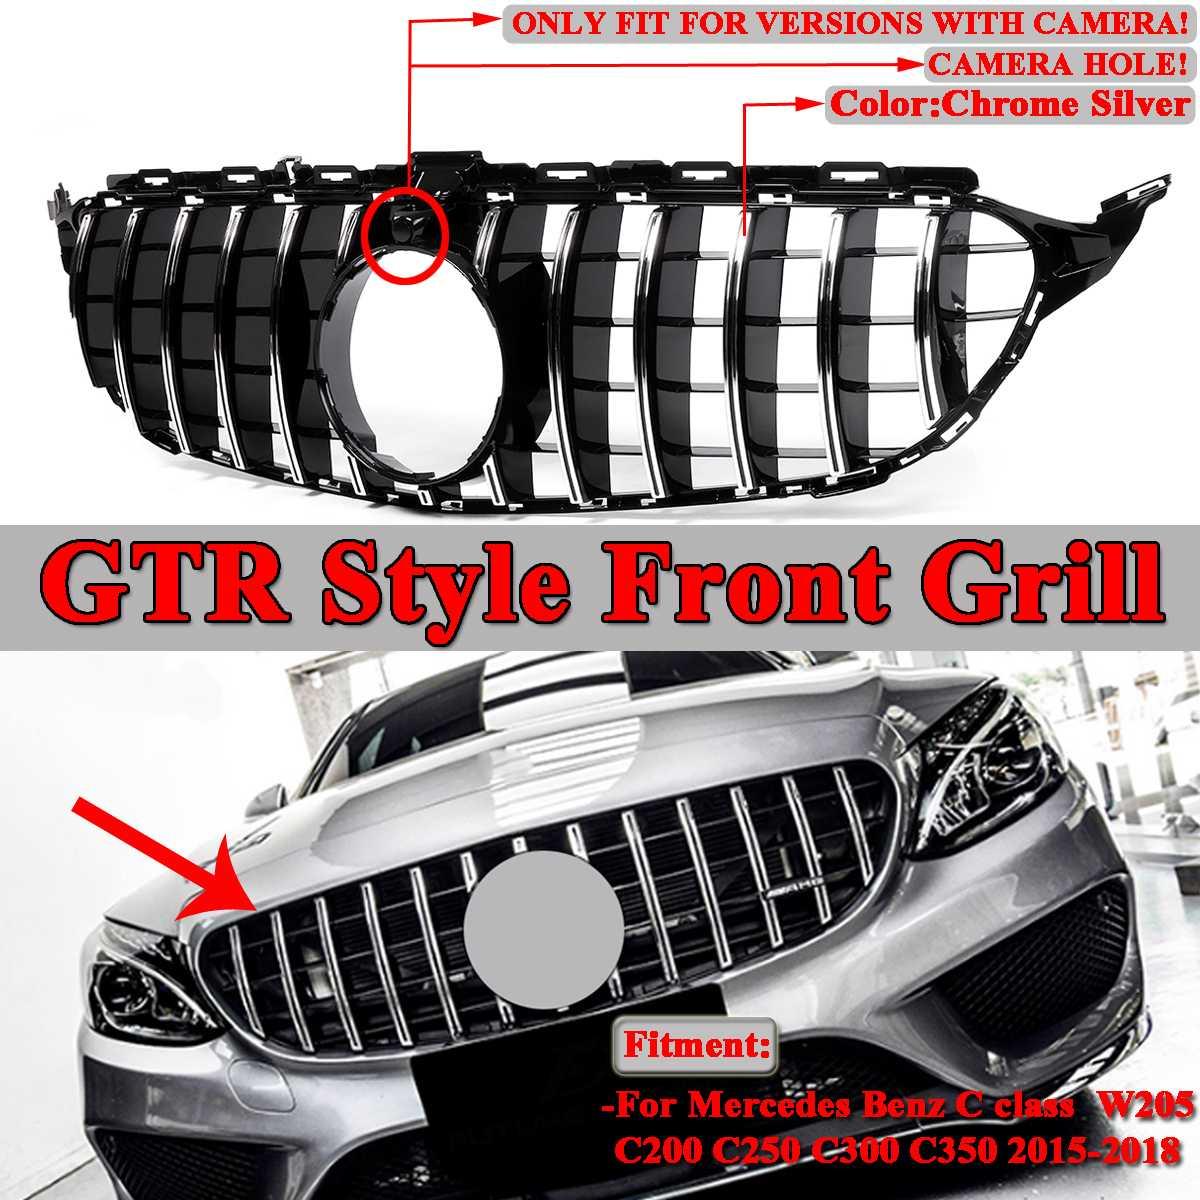 W205 gtr gt r estilo grade dianteira do carro preto/cromo prata para mercedes para benz w205 c200 c250 c300 c350 2015-2018 2dr/4dr